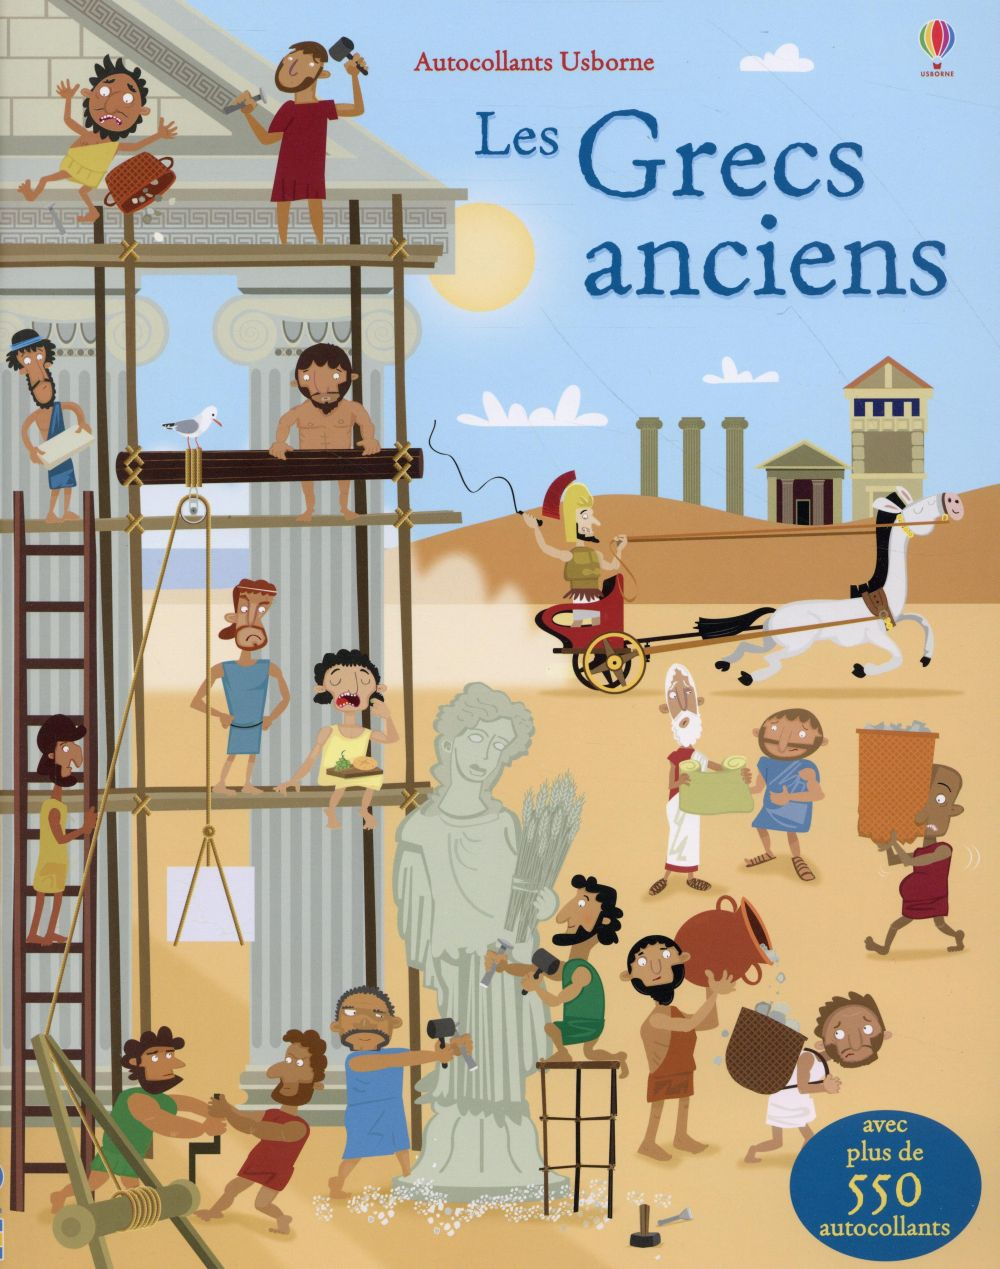 LES GRECS ANCIENS - AUTOCOLLANTS USBORNE